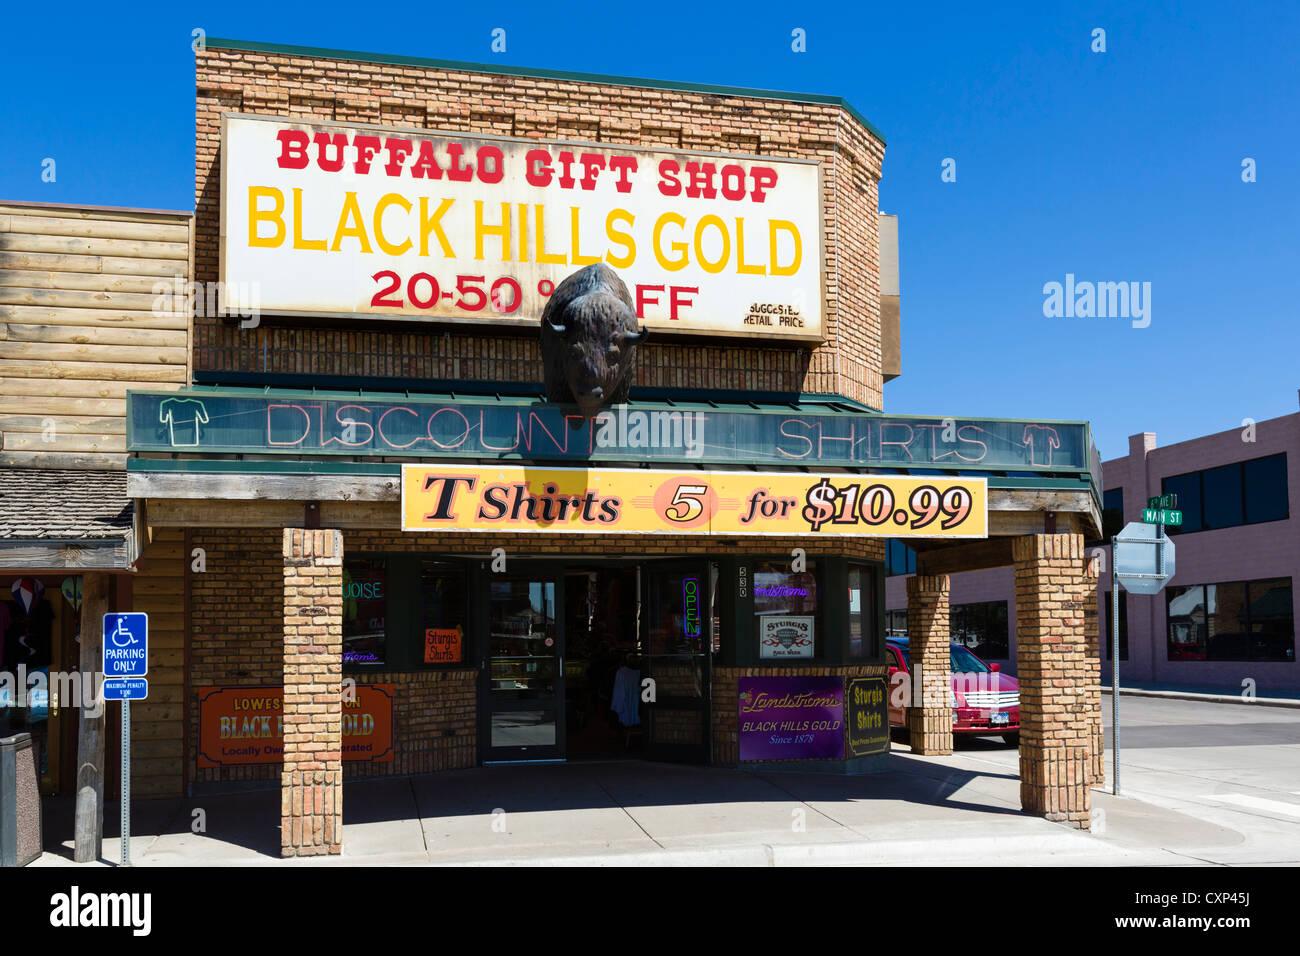 Tienda de regalos en Main Street, Wall, Dakota del Sur, EE.UU. Imagen De Stock